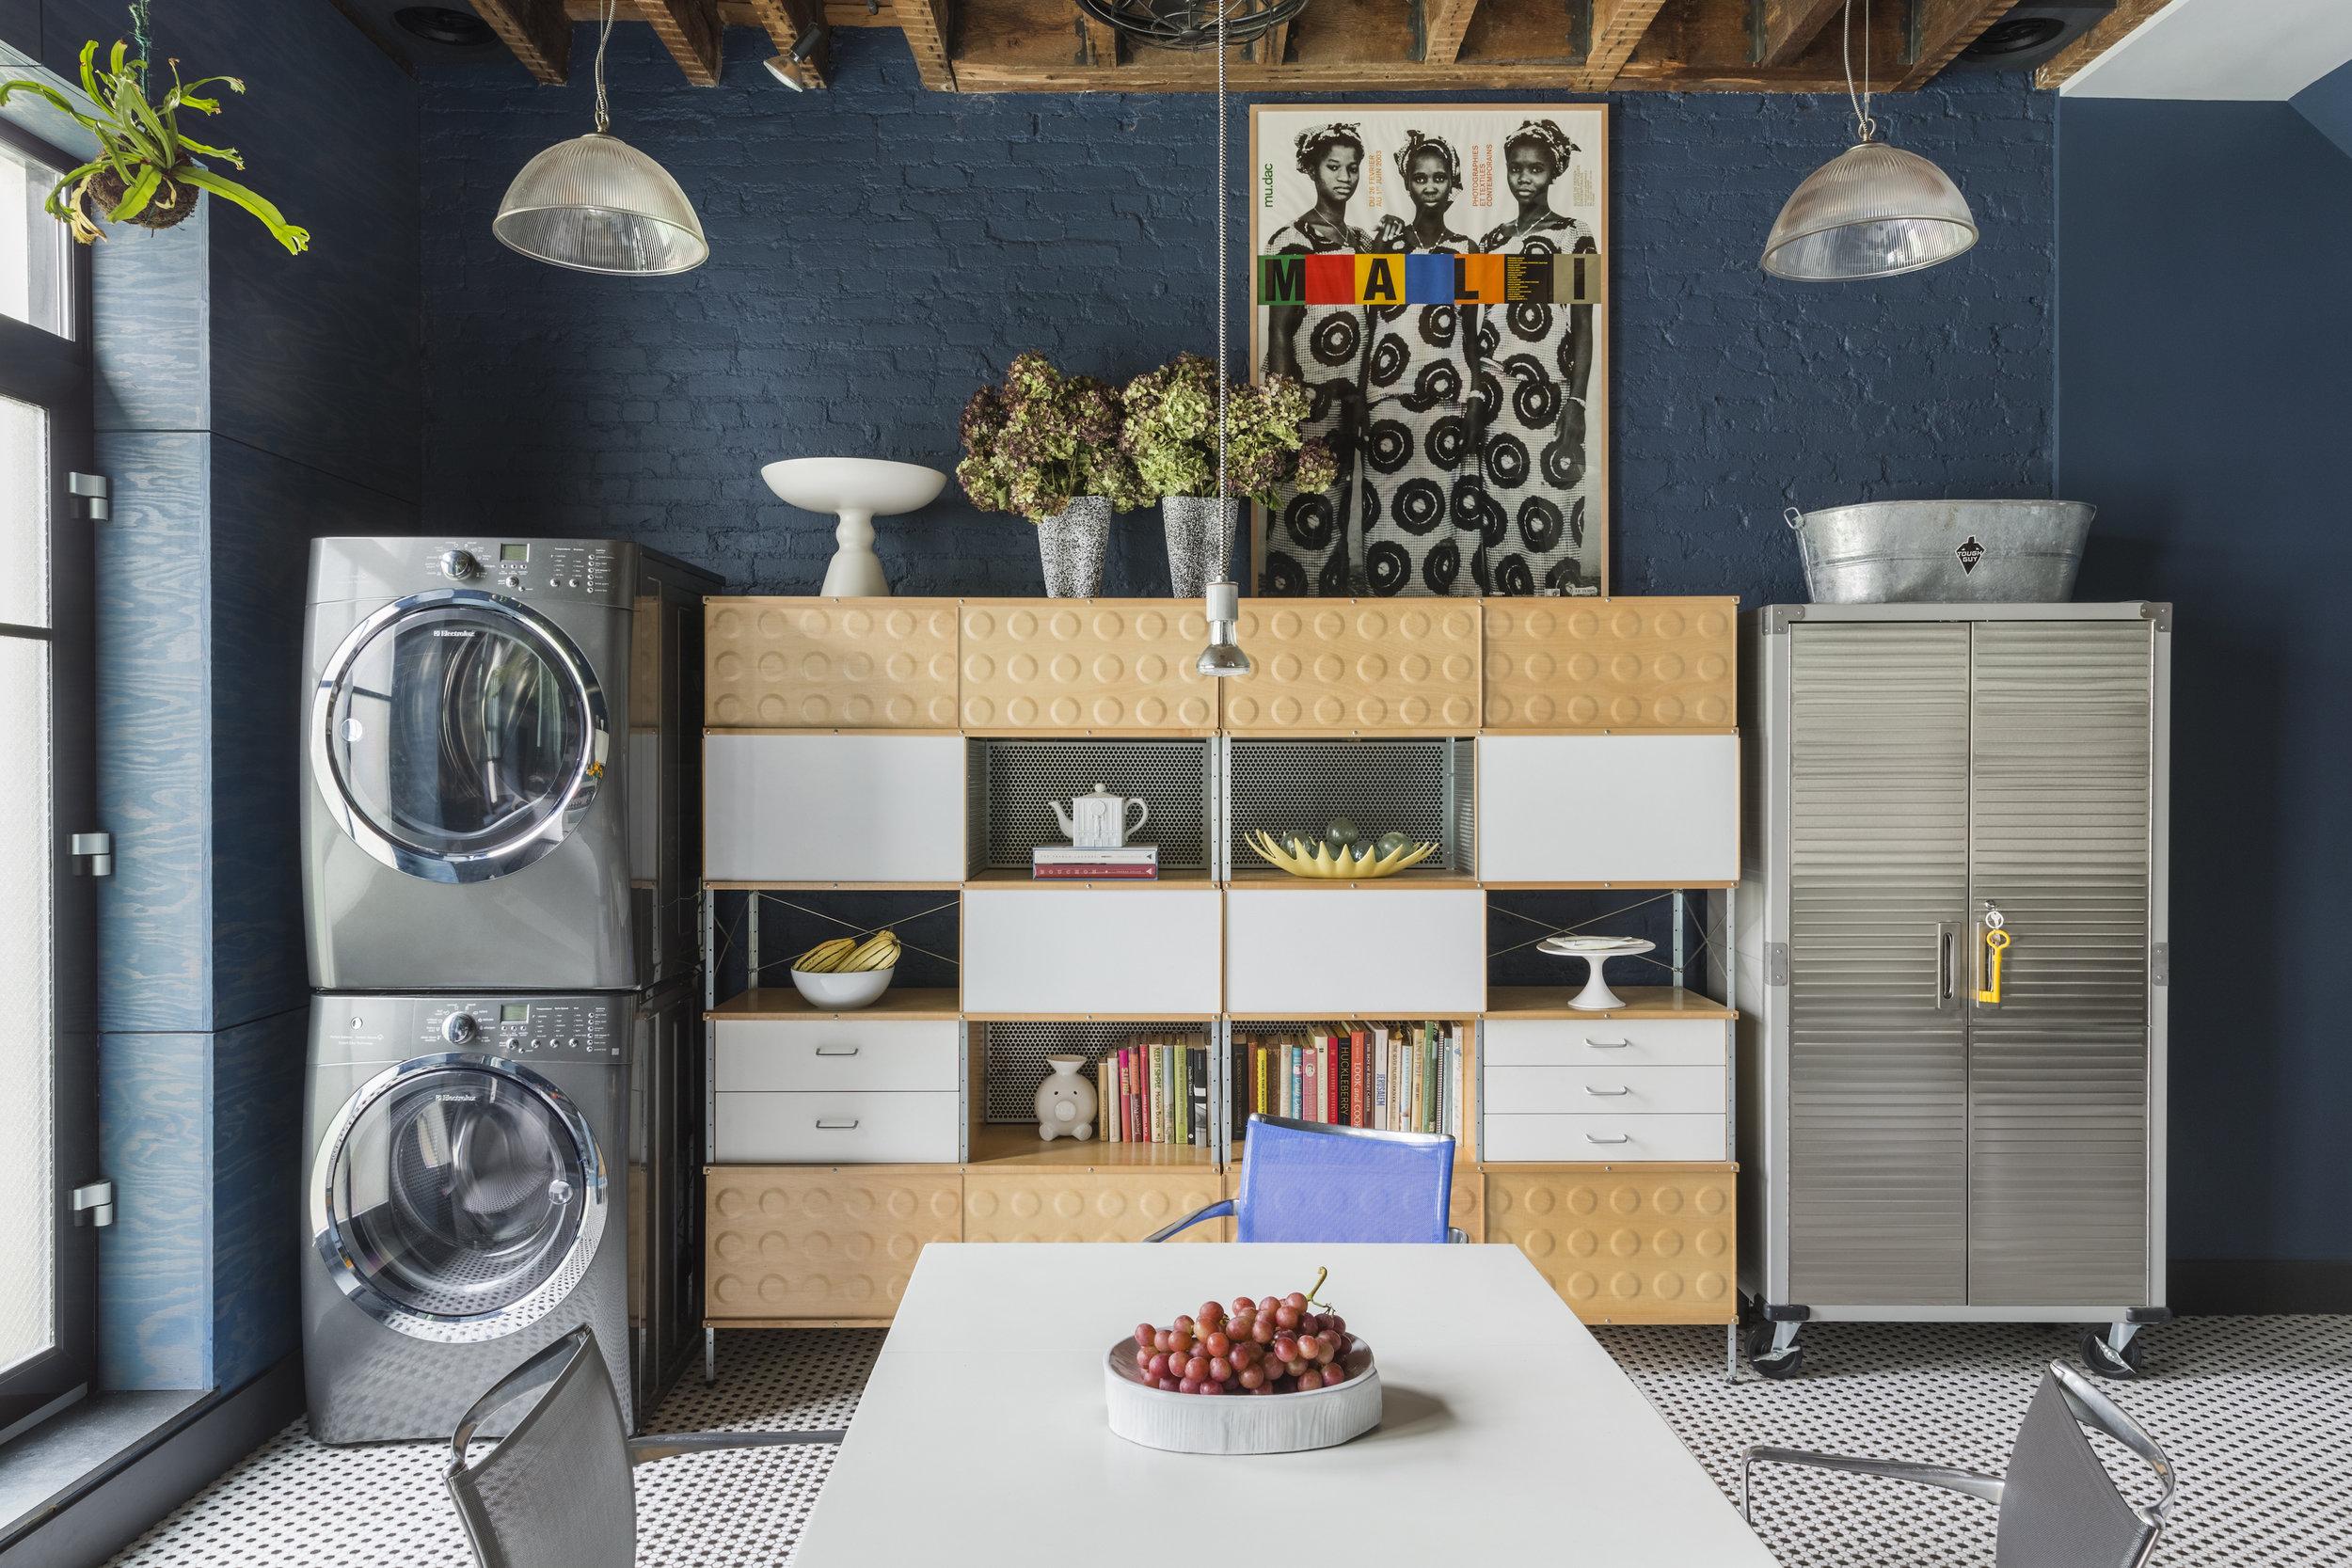 5_Eames storage unit in Kitchen.jpg